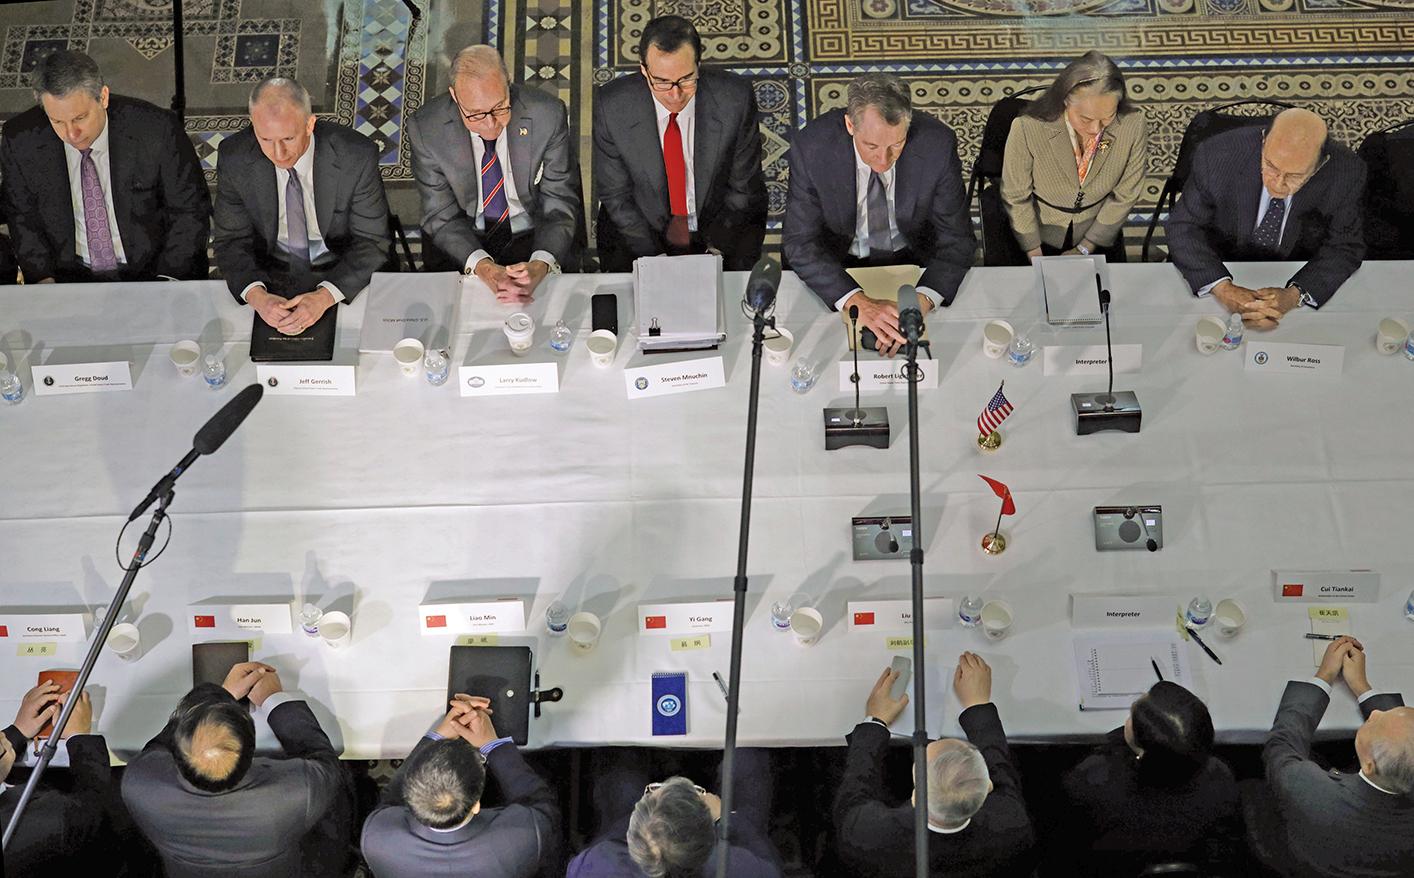 周日(4月7日),白宮經濟顧問庫德洛(Larry Kudlow)在接受媒體訪問時透露,近期中美談判富有成效,取得了三個重大進展。